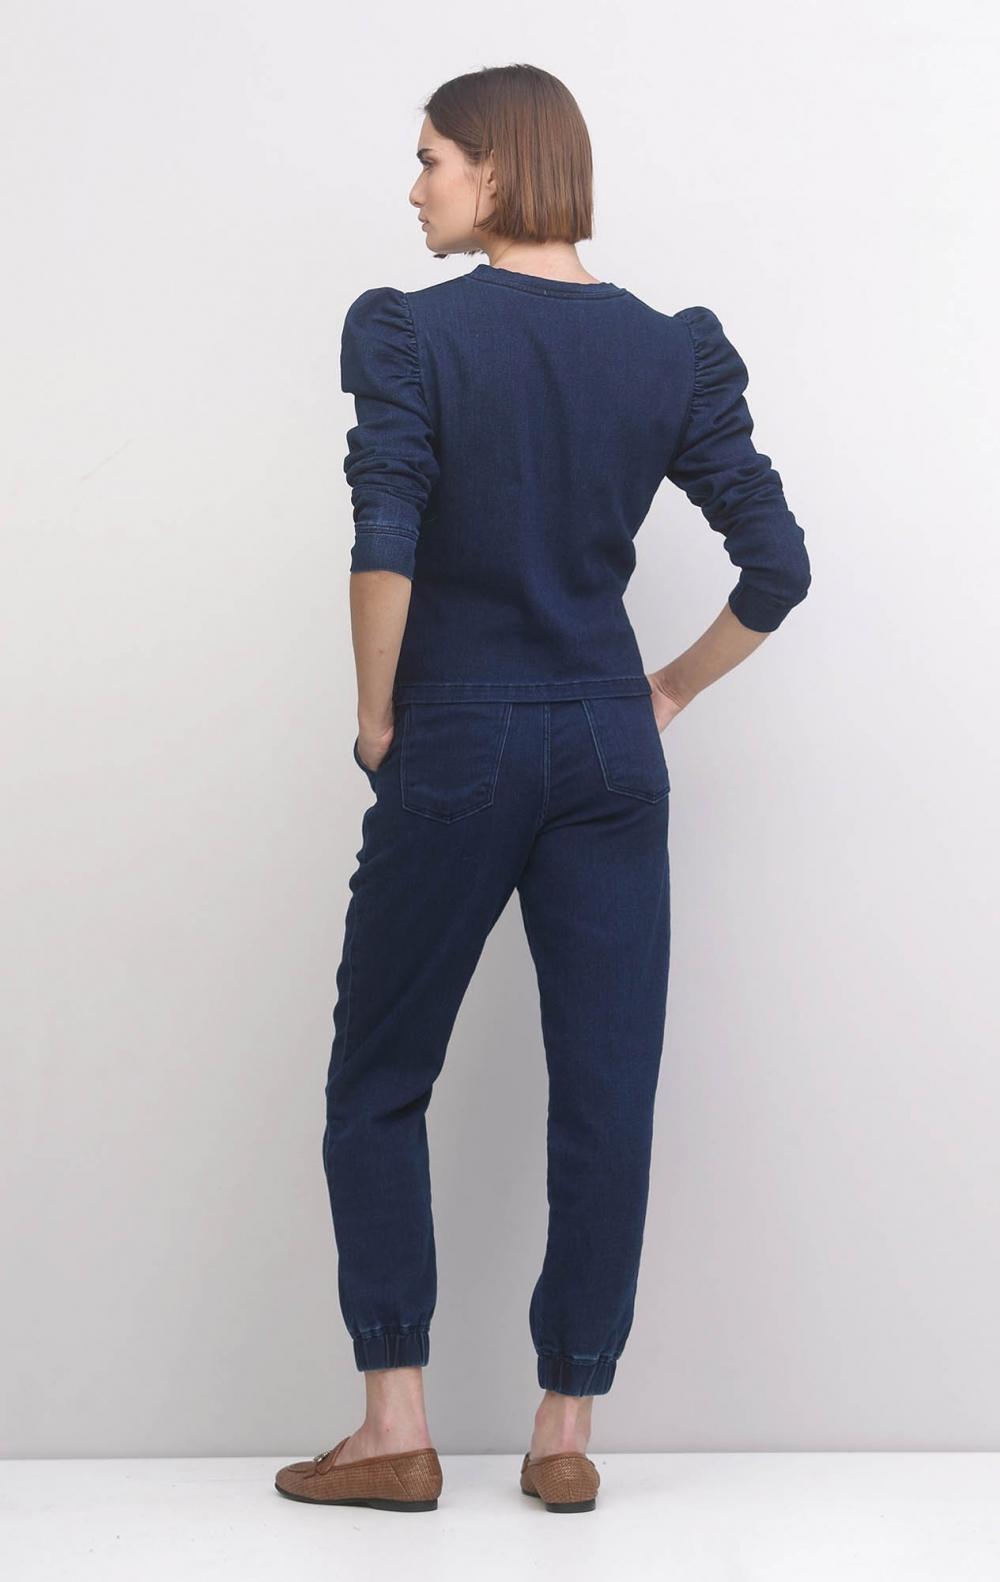 Conjunto Jeans Moletom Slim - Foto 3